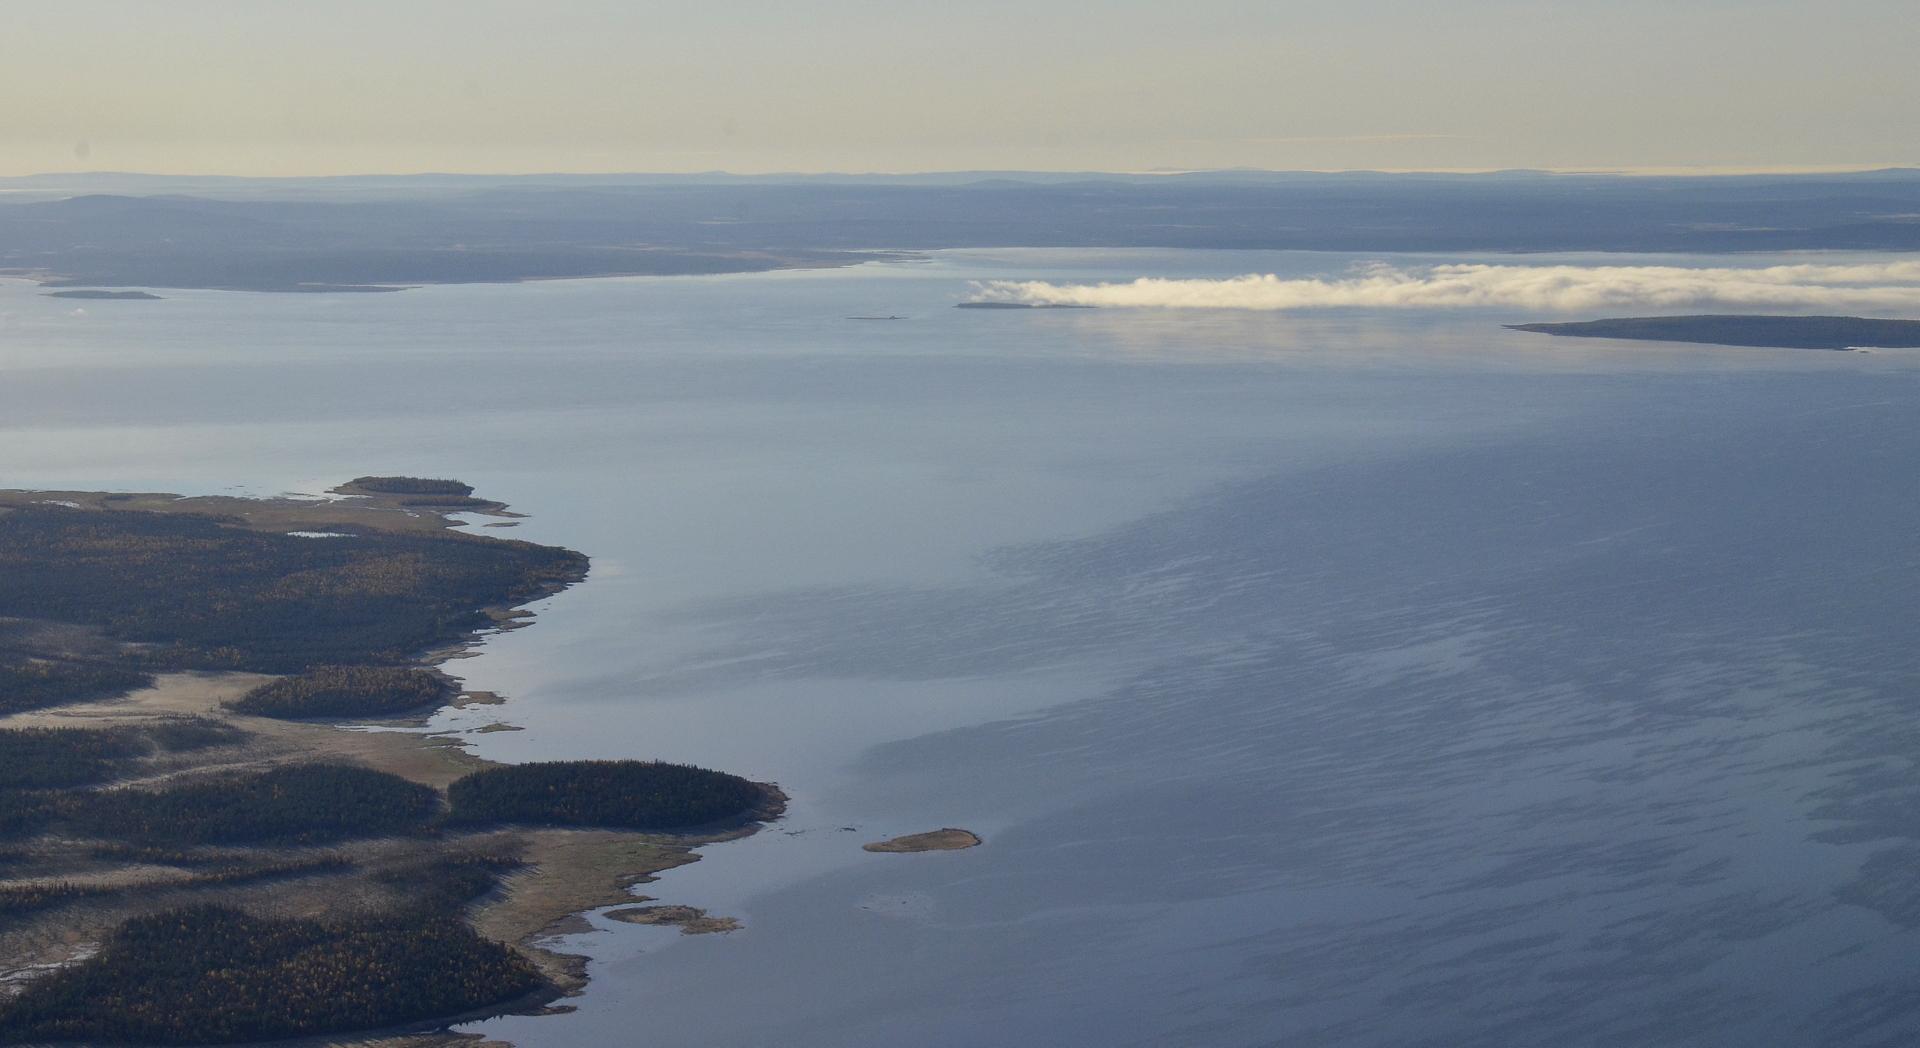 Lokan tekoallas ja sen selällä näkyvä pieni saari, jonka kohdalla aikoinaan sijaitsi Riestonkylä. Kylä on ollut sumuvanan pään vasemmalla puolella pienen saaren kohdalla. Siellä on muistomerkki kylästä.